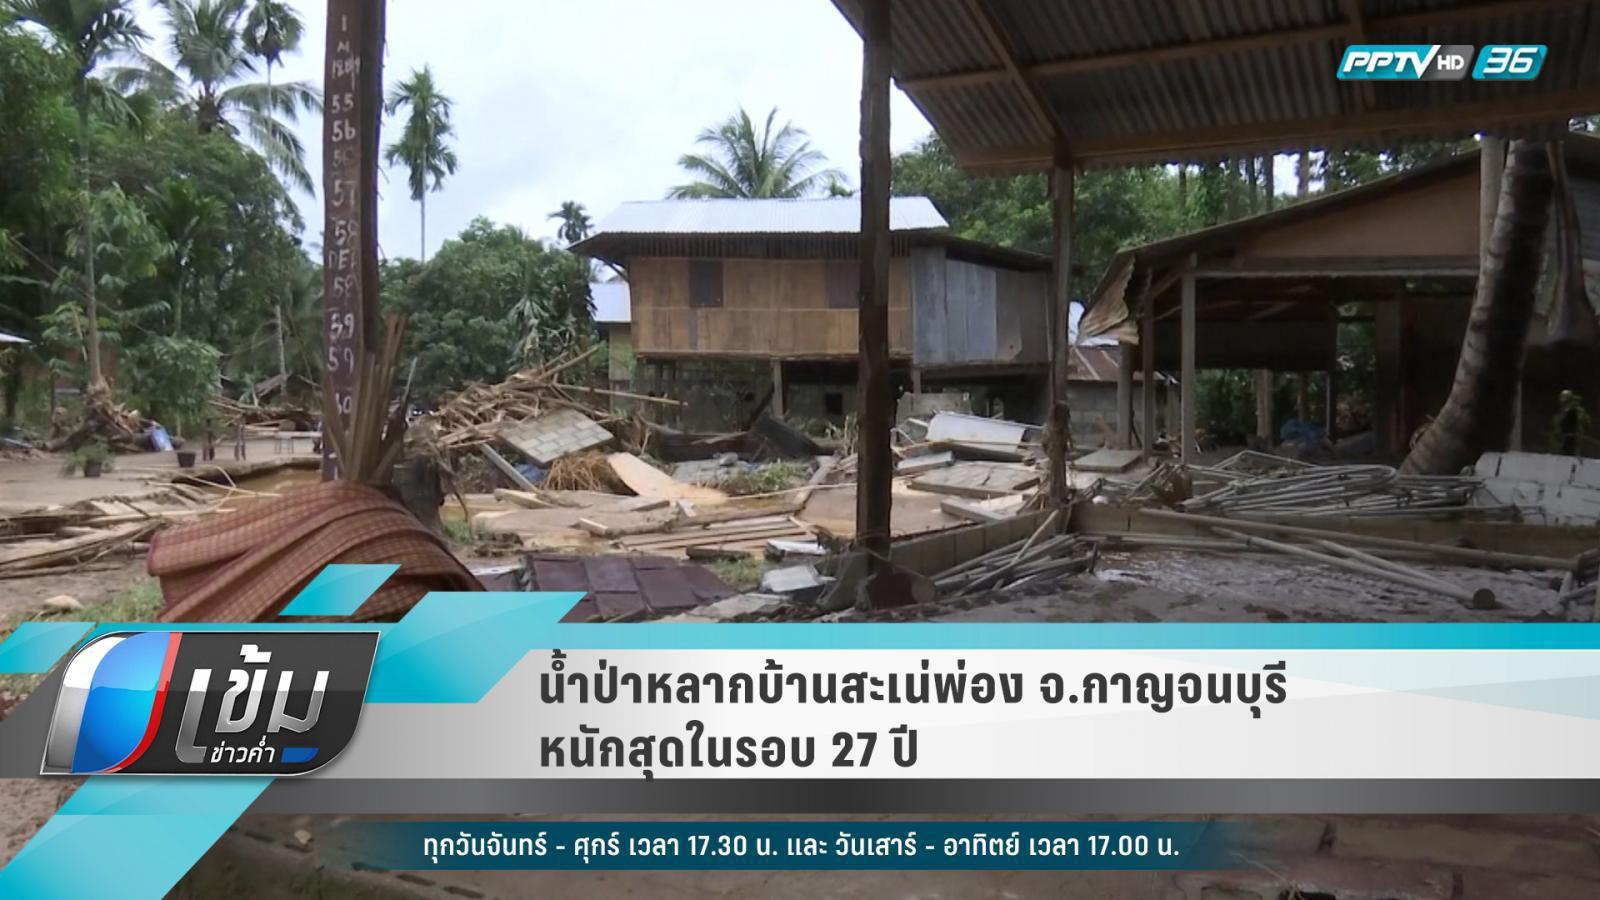 น้ำป่าหลากบ้านสะเน่พ่อง จ.กาญจนบุรี หนักสุดในรอบ 27 ปี